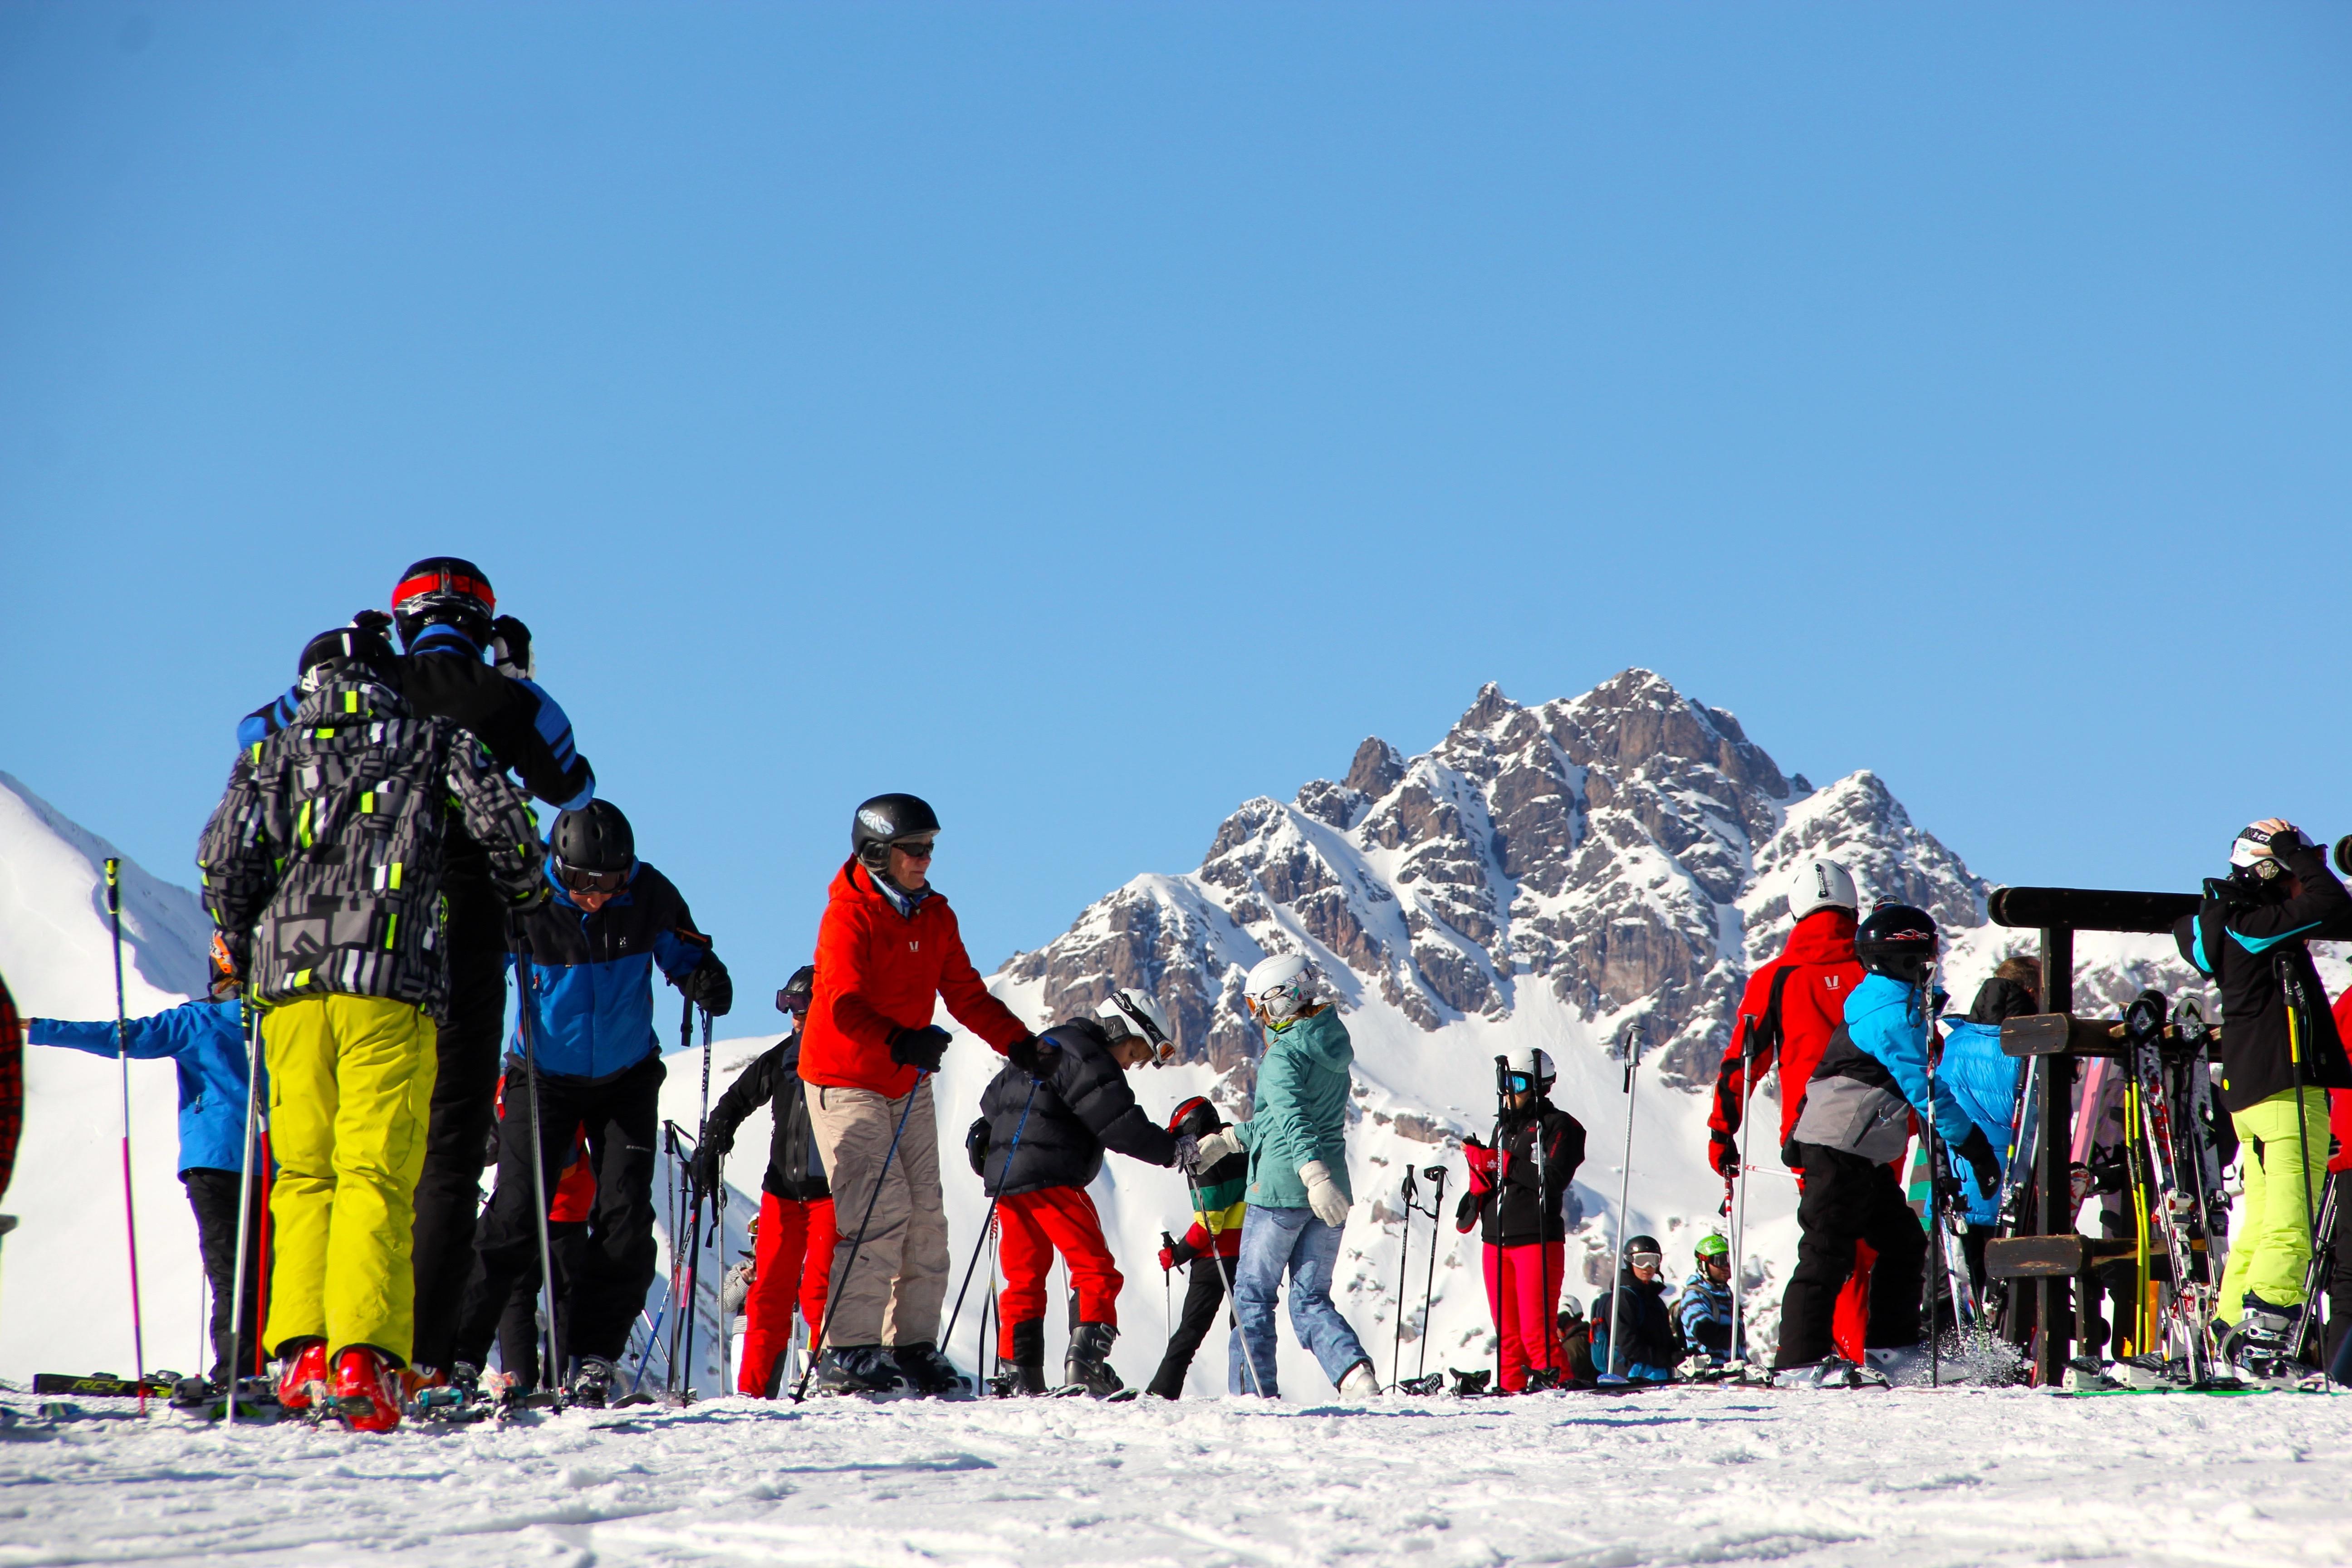 Skipass Livigno: sciatori sulle Alpi